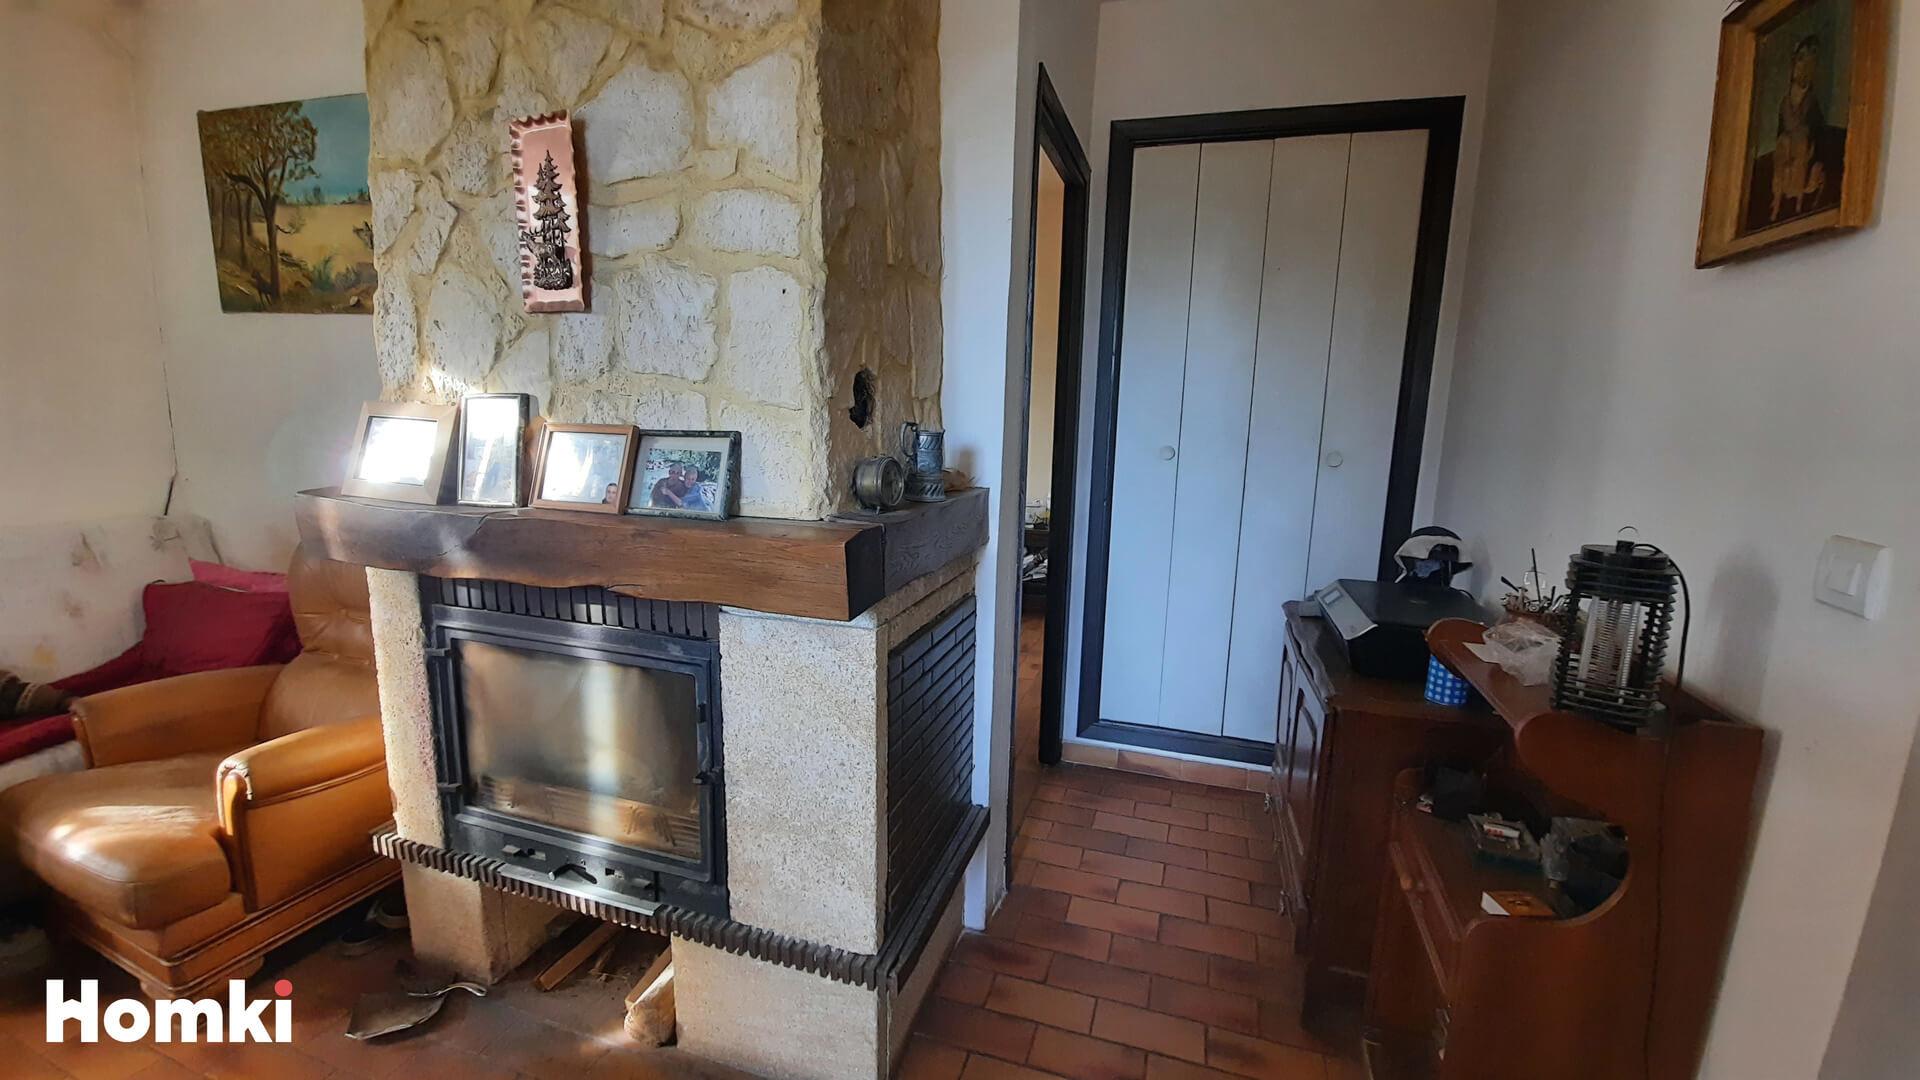 Homki - Vente Maison/villa  de 54.0 m² à mallefougasse-Augés 04230